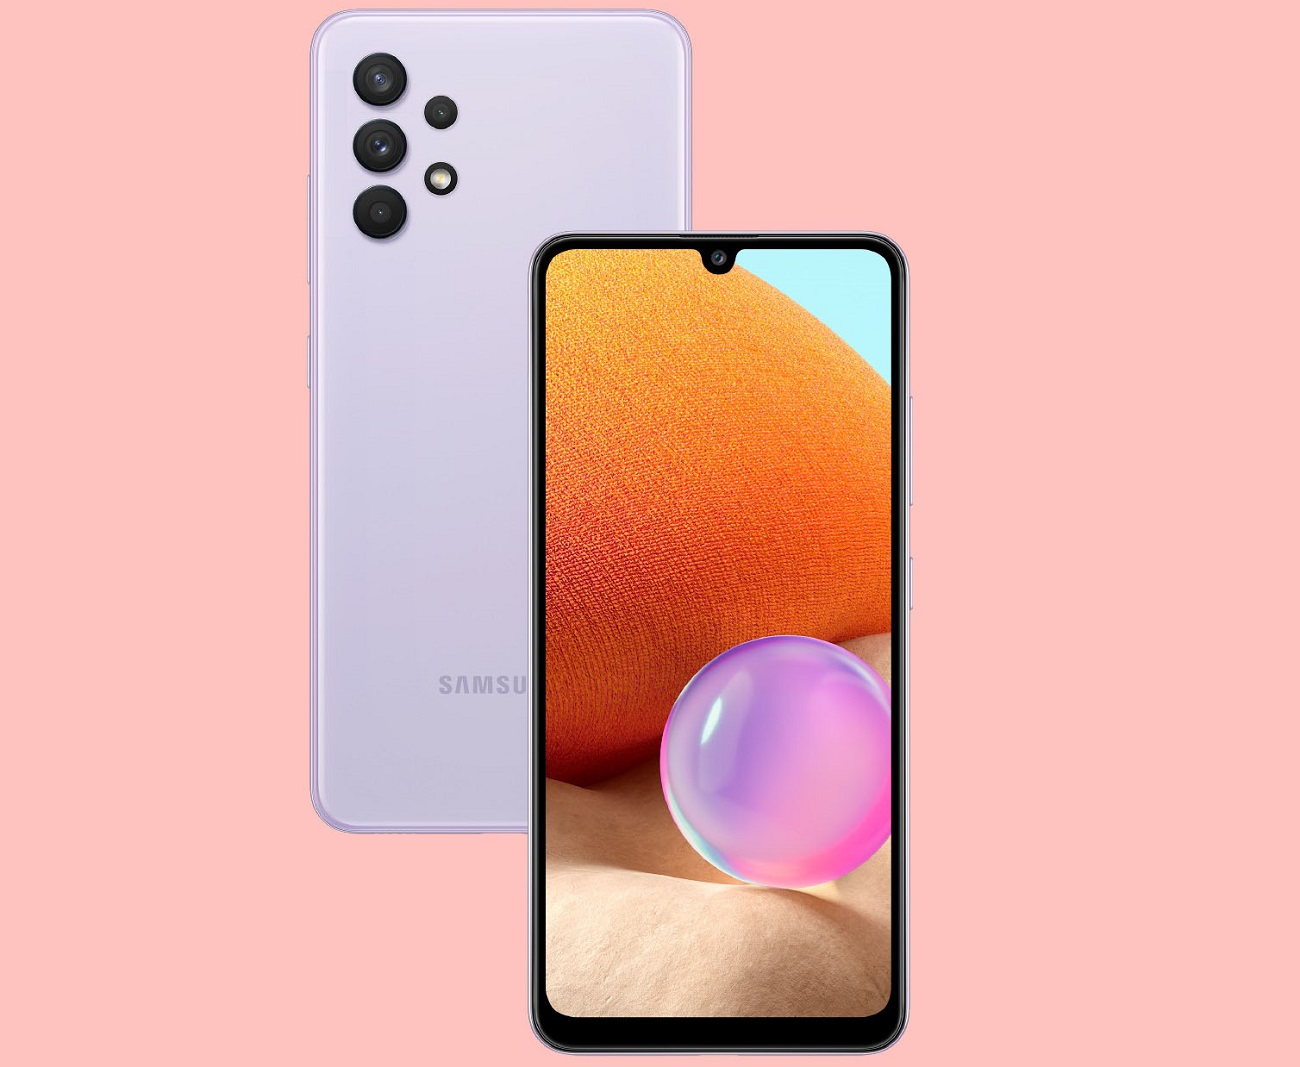 Galaxy A32 4G : Samsung présente une fiche technique plus alléchante que la version 5G - Frandroid